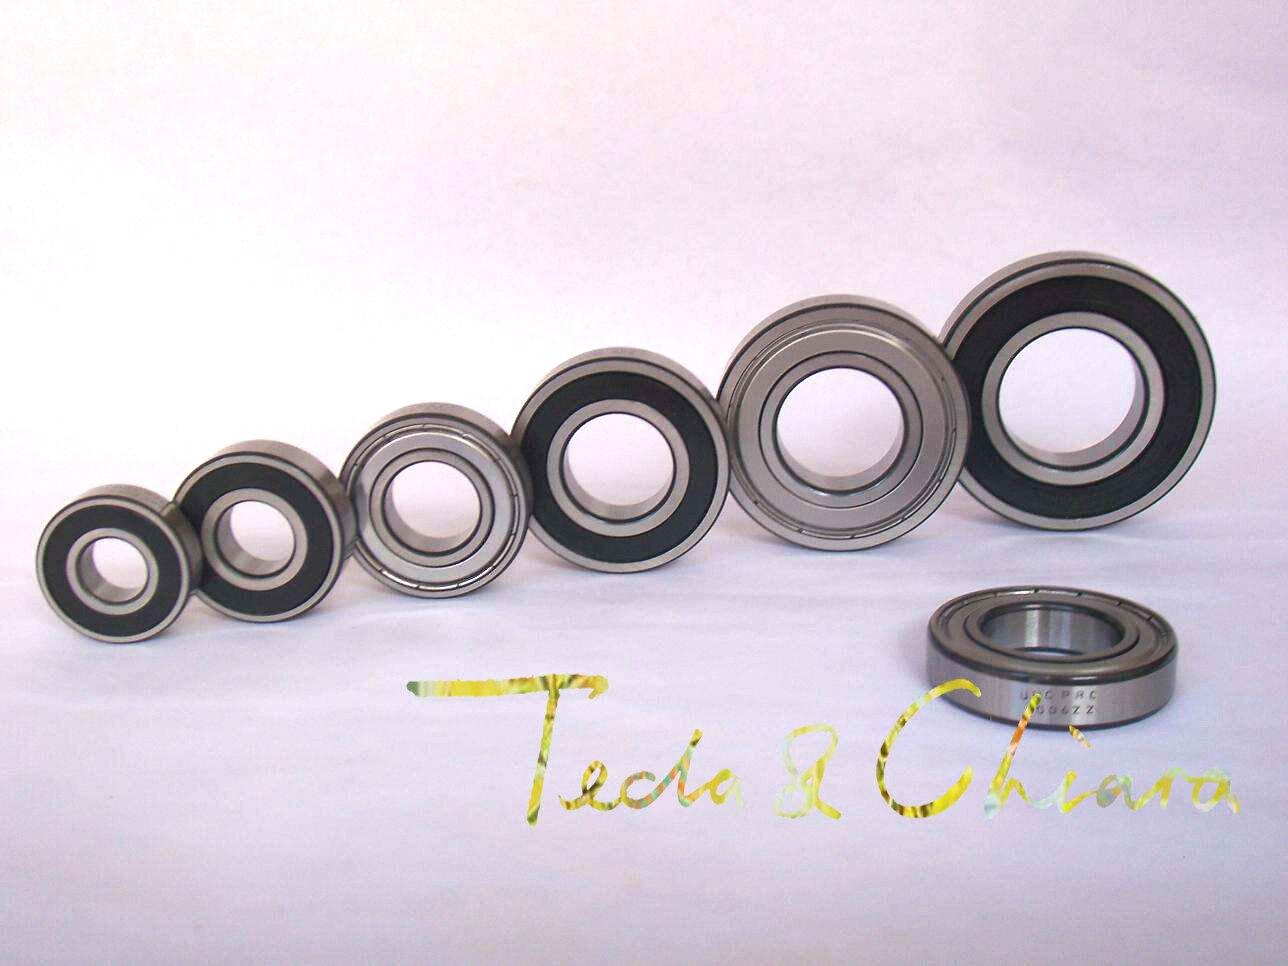 R188 R188ZZ R188RS R188-2Z R188Z ZZ RS RZ 2RZ Deep Groove Ball Bearings 6.35 x 12.7 x 4.76mm High Quality 1/4 x 1/2 x 3/16